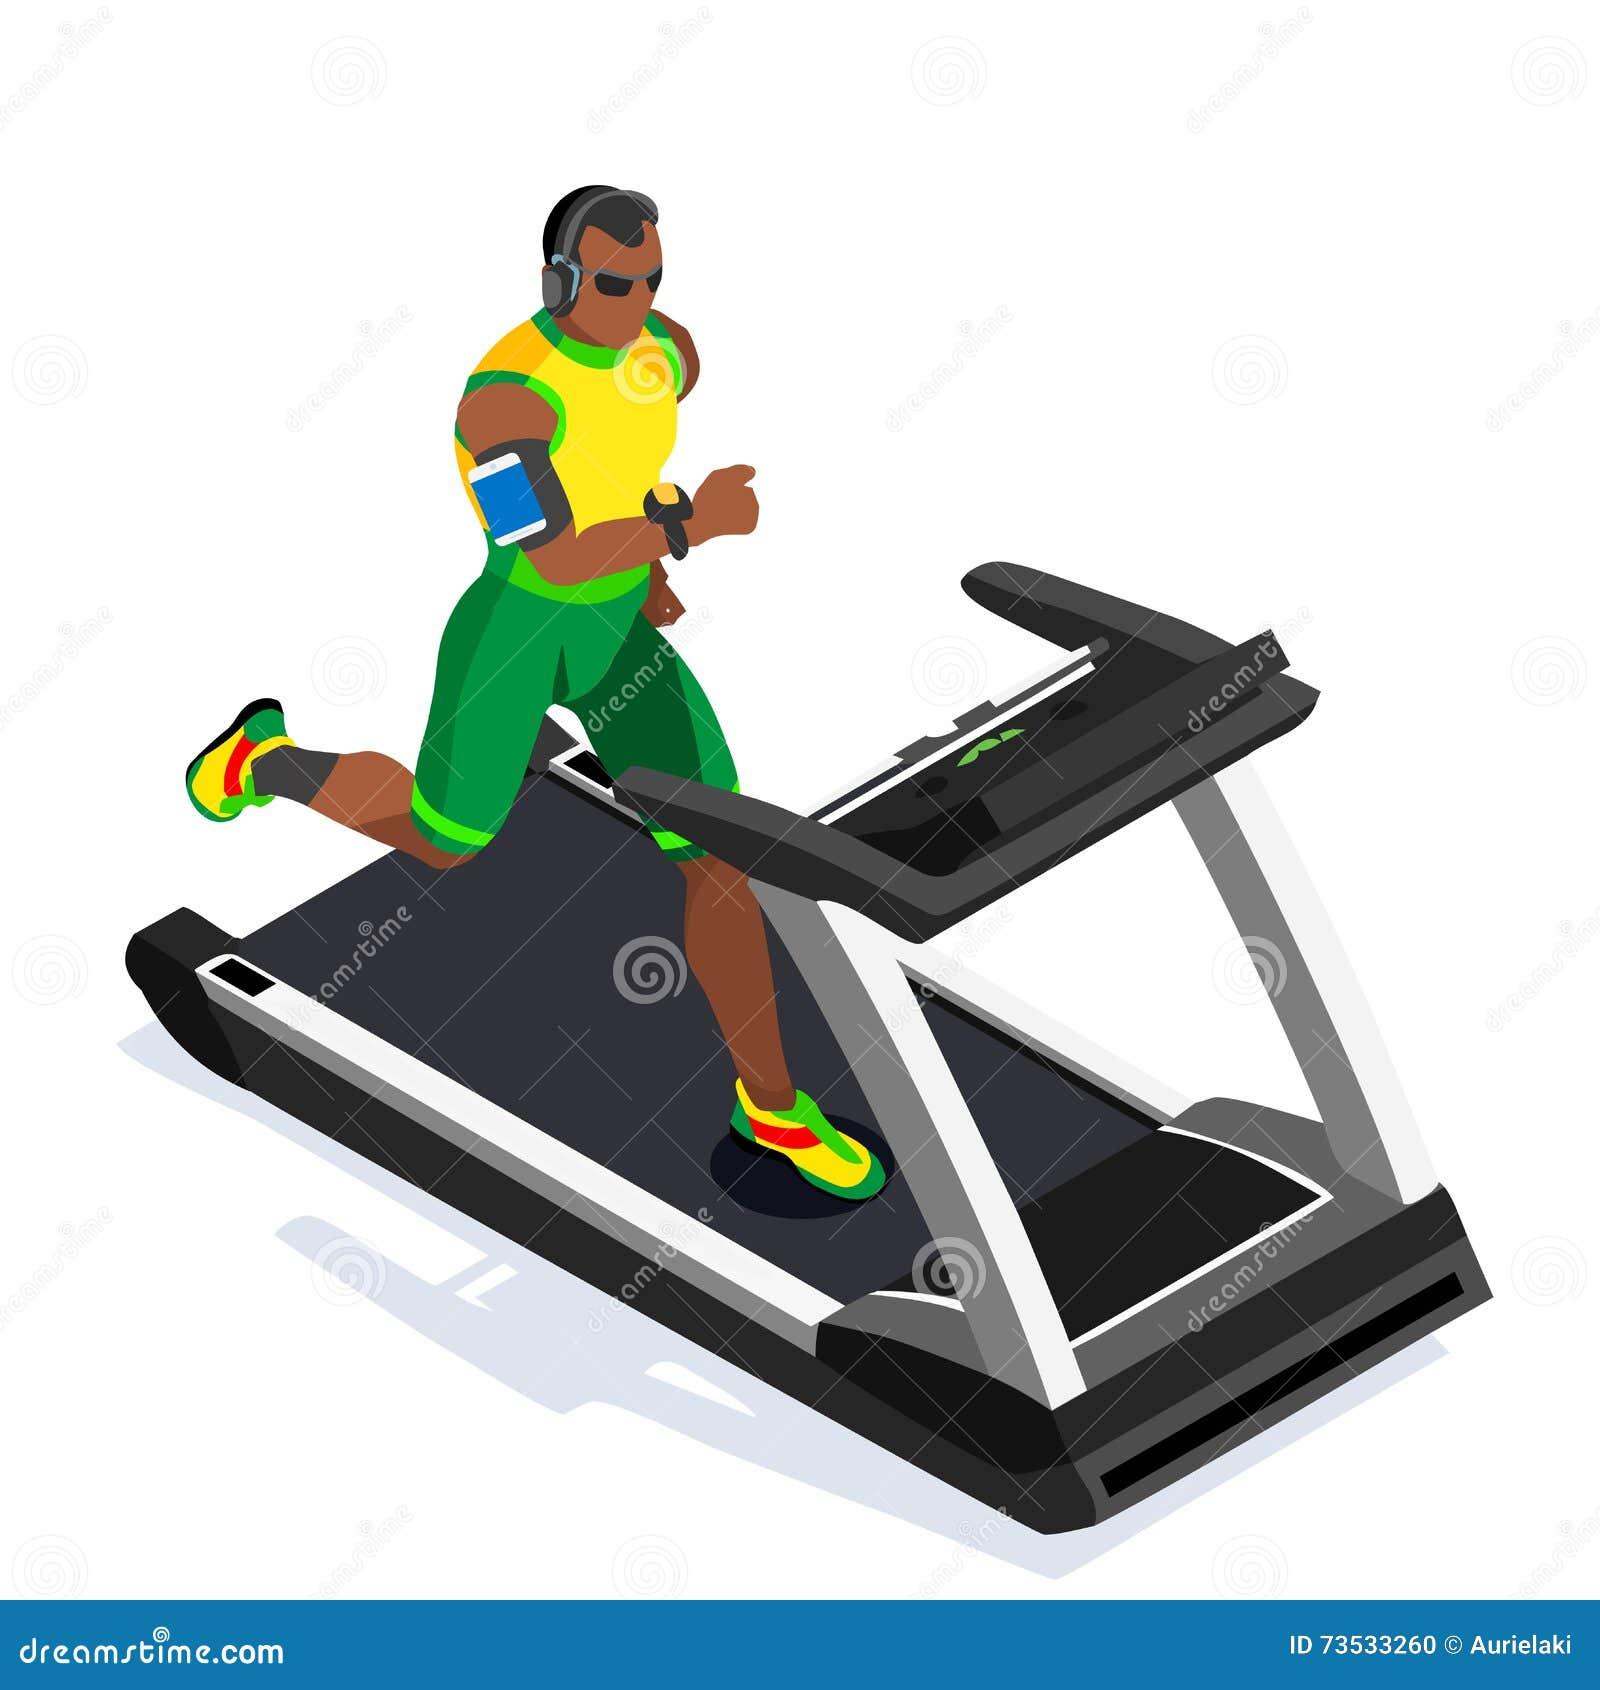 Elaboración de la clase del gimnasio de la rueda de ardilla Clase corriente del gimnasio de Runners Working Out del atleta de la